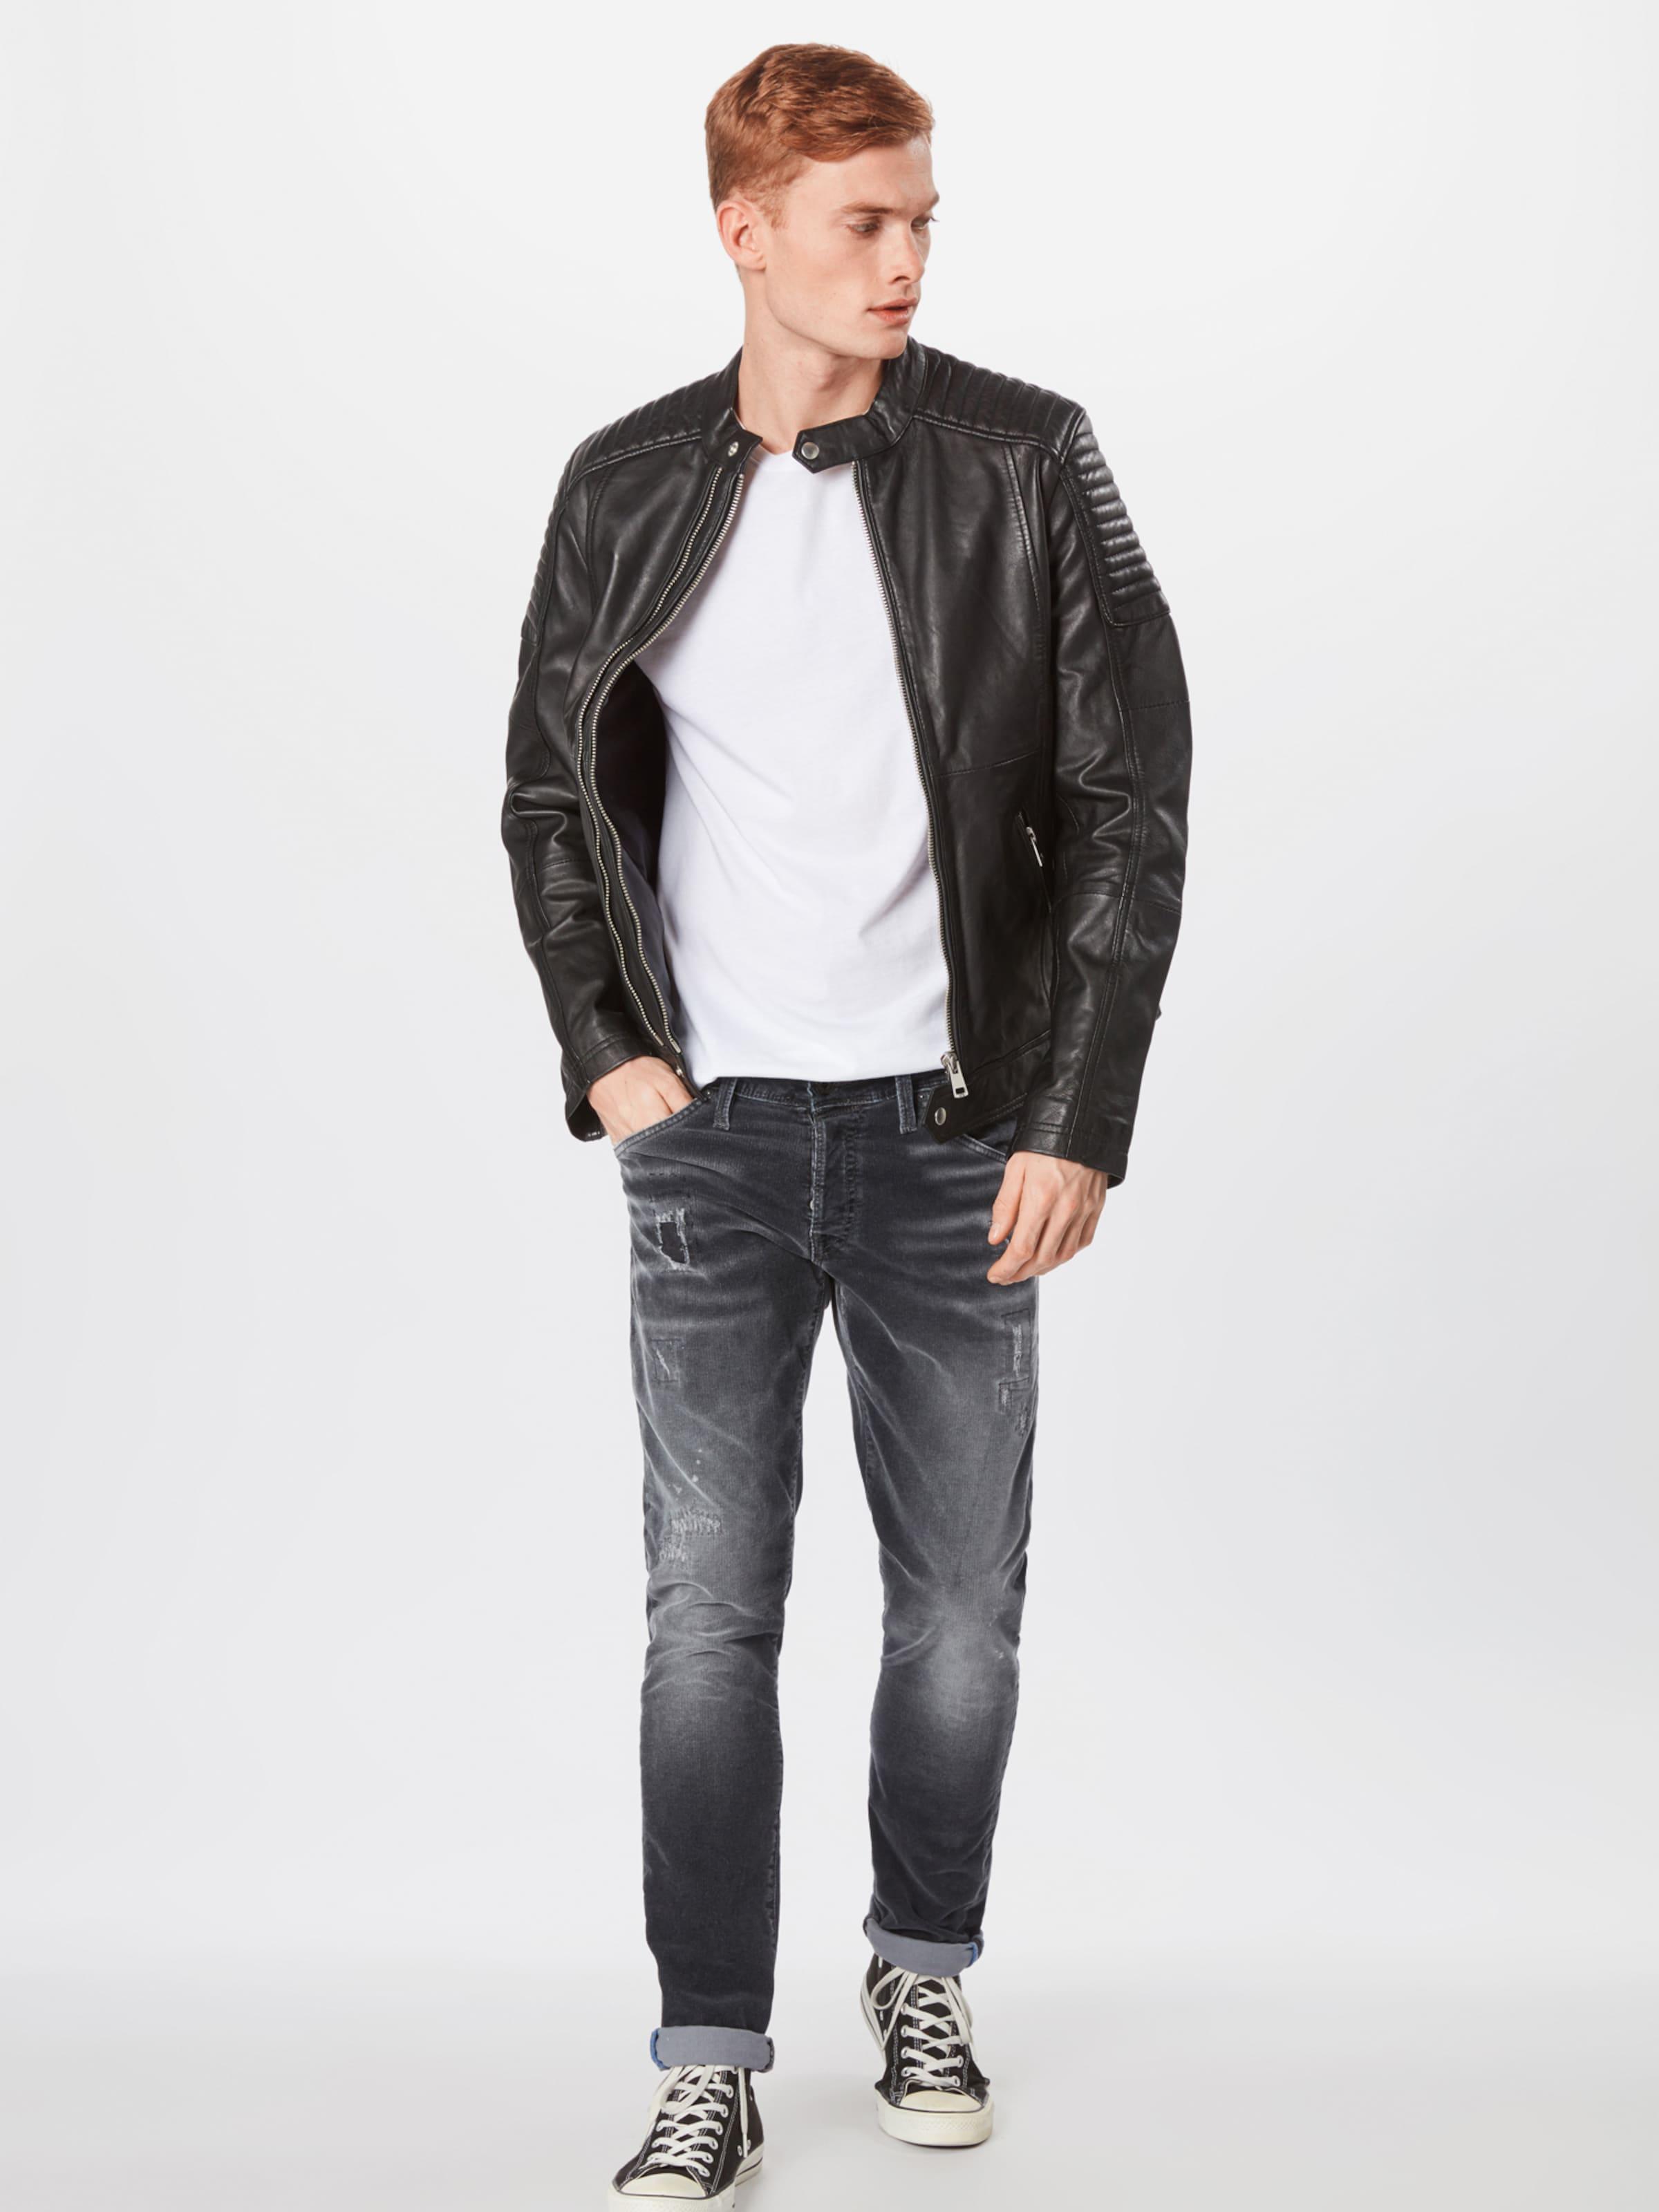 Denim Jjfox Indigo Jones Jackamp; Grey Jeans Bl Cord' 823 In 'jjiglenn AjRL54